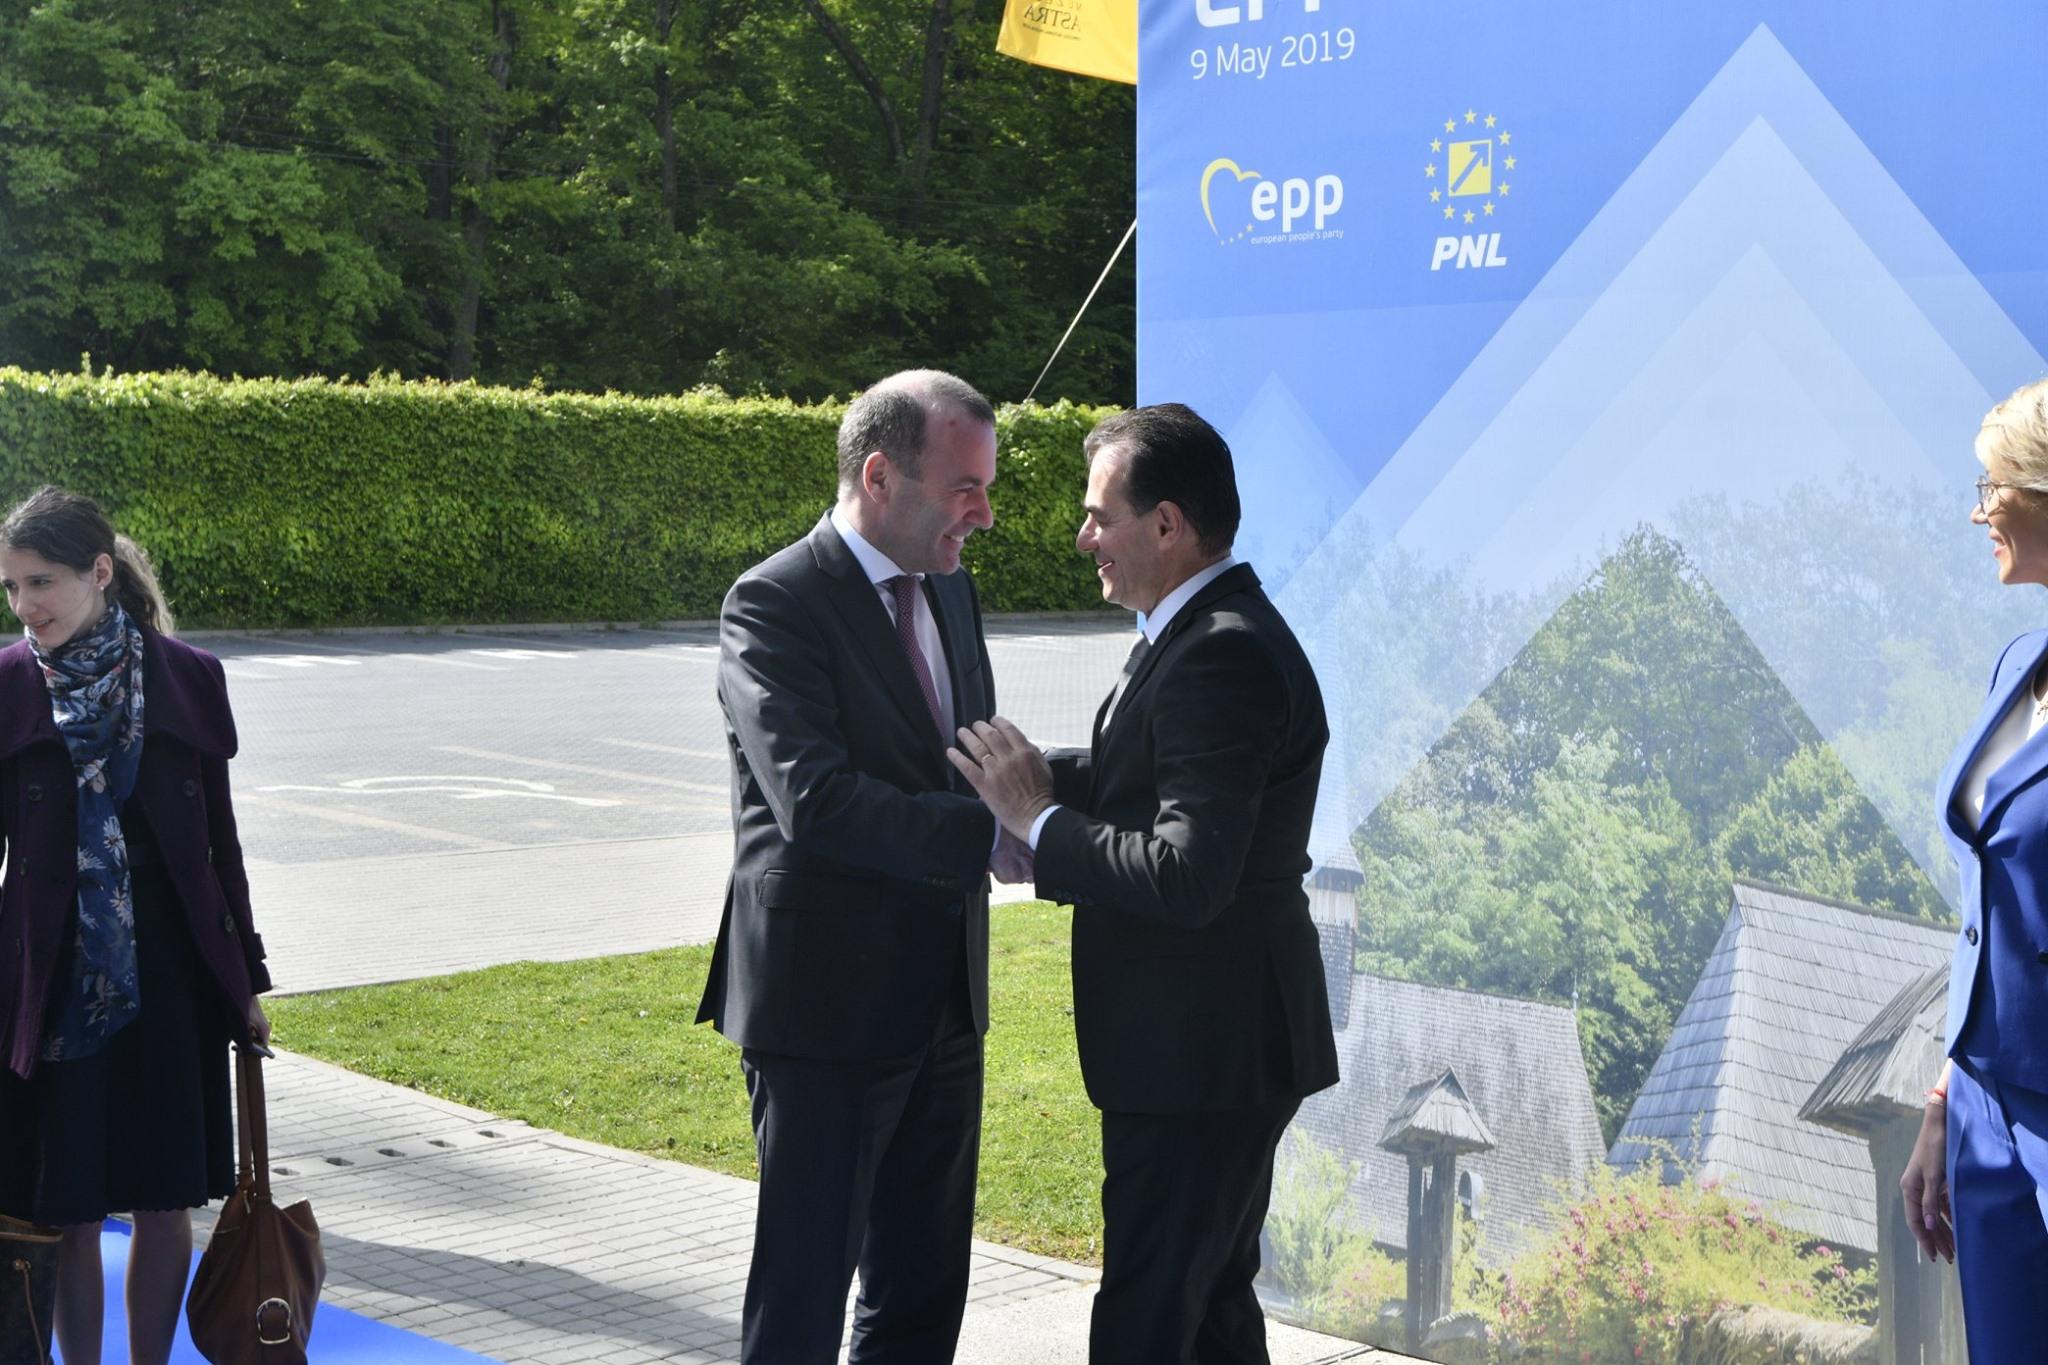 Manfred Weber, liderul Popularilor Europeni, il felicita dupa desemnare pe Ludovic Orban